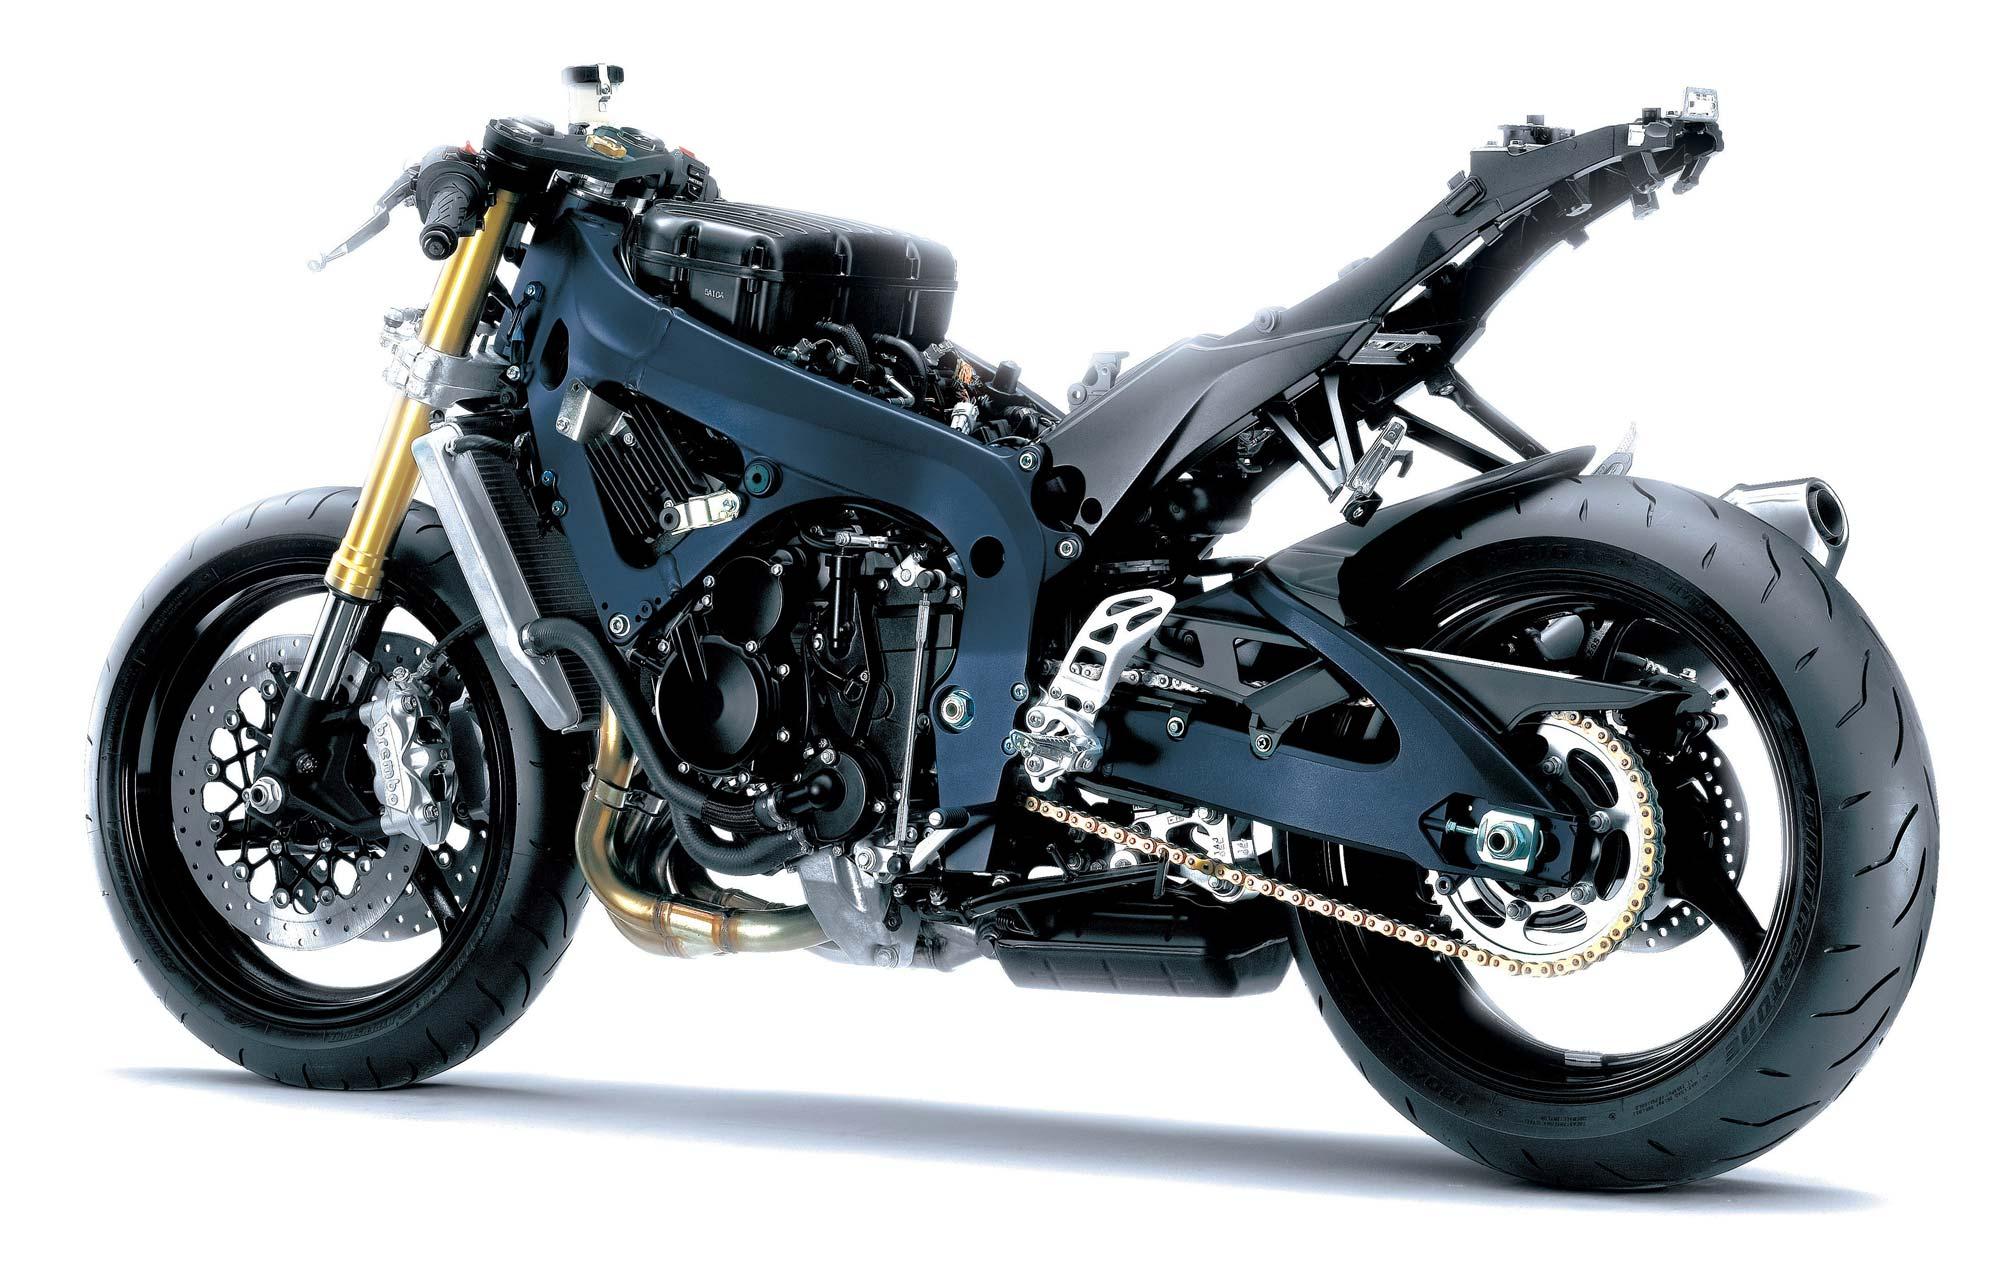 2011 suzuki gsx-r600 & 2011 suzuki gsx-r750 get face lifts and